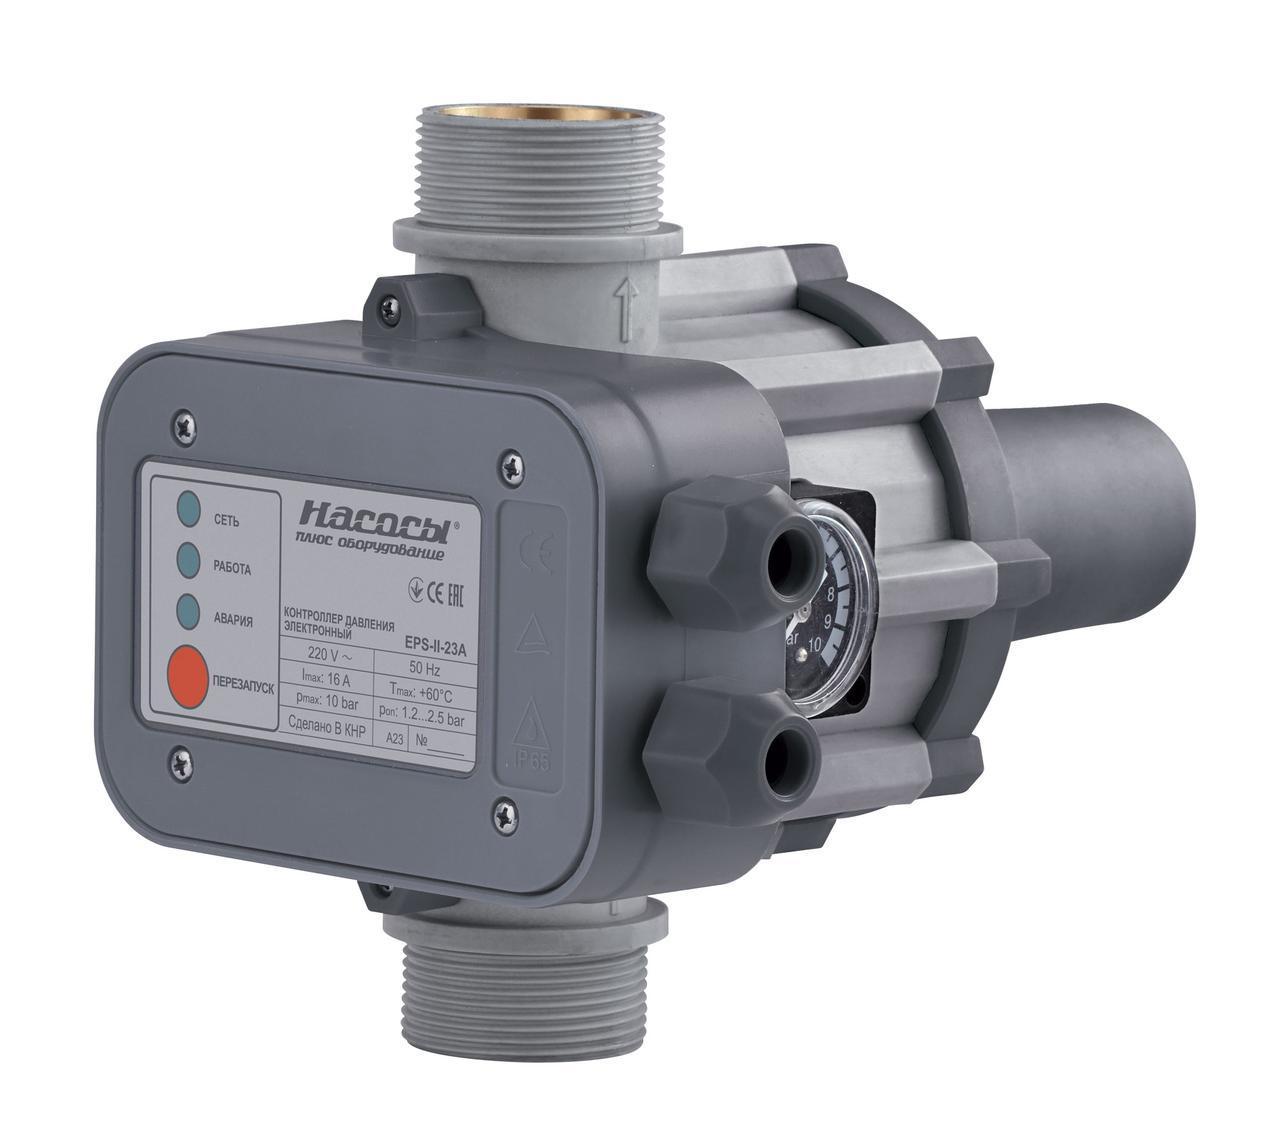 Контроллер давления Насосы+Оборудование EPS-II-23A 12095